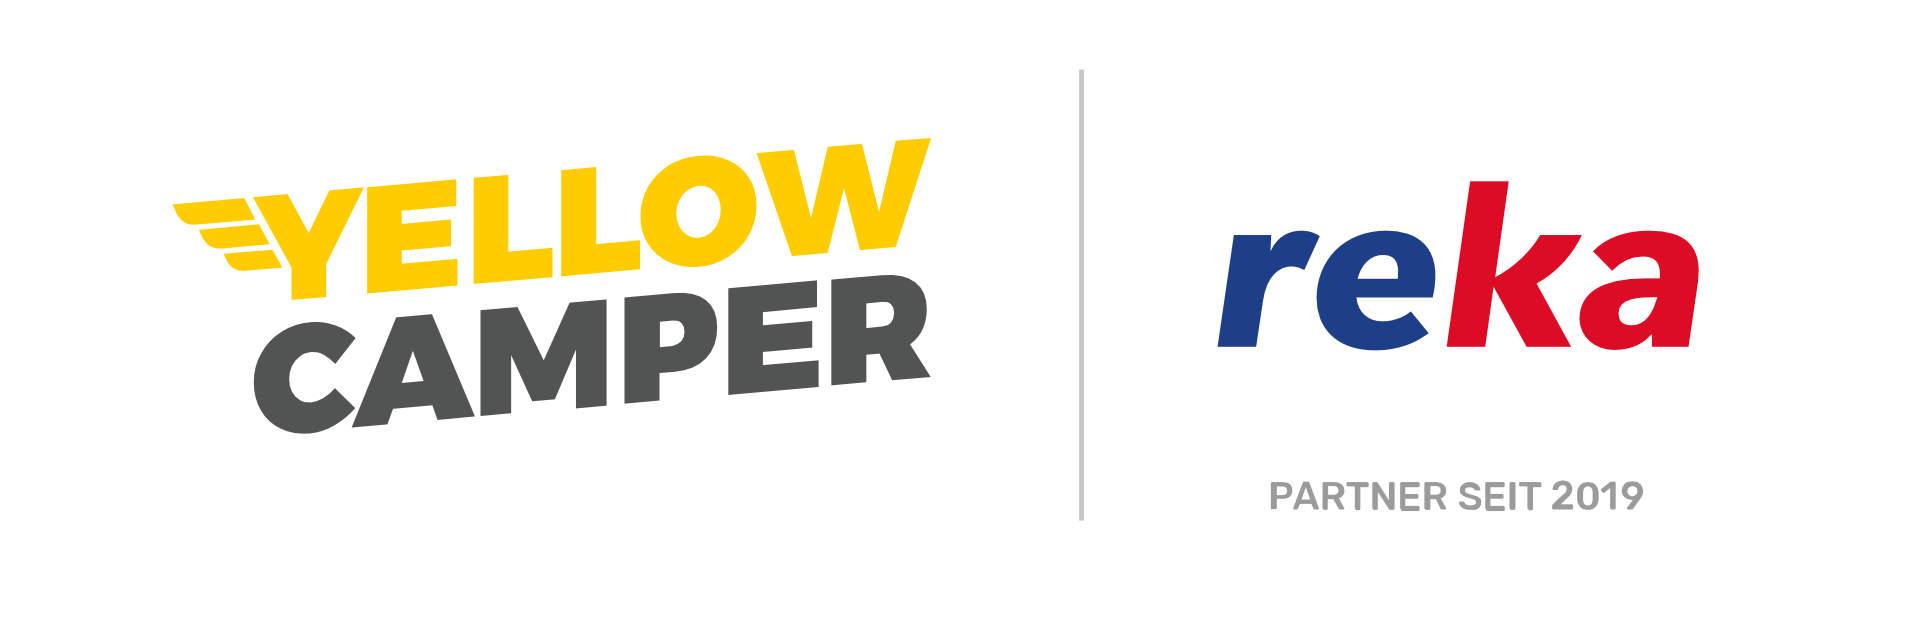 yellowcamper reka partnerschaft